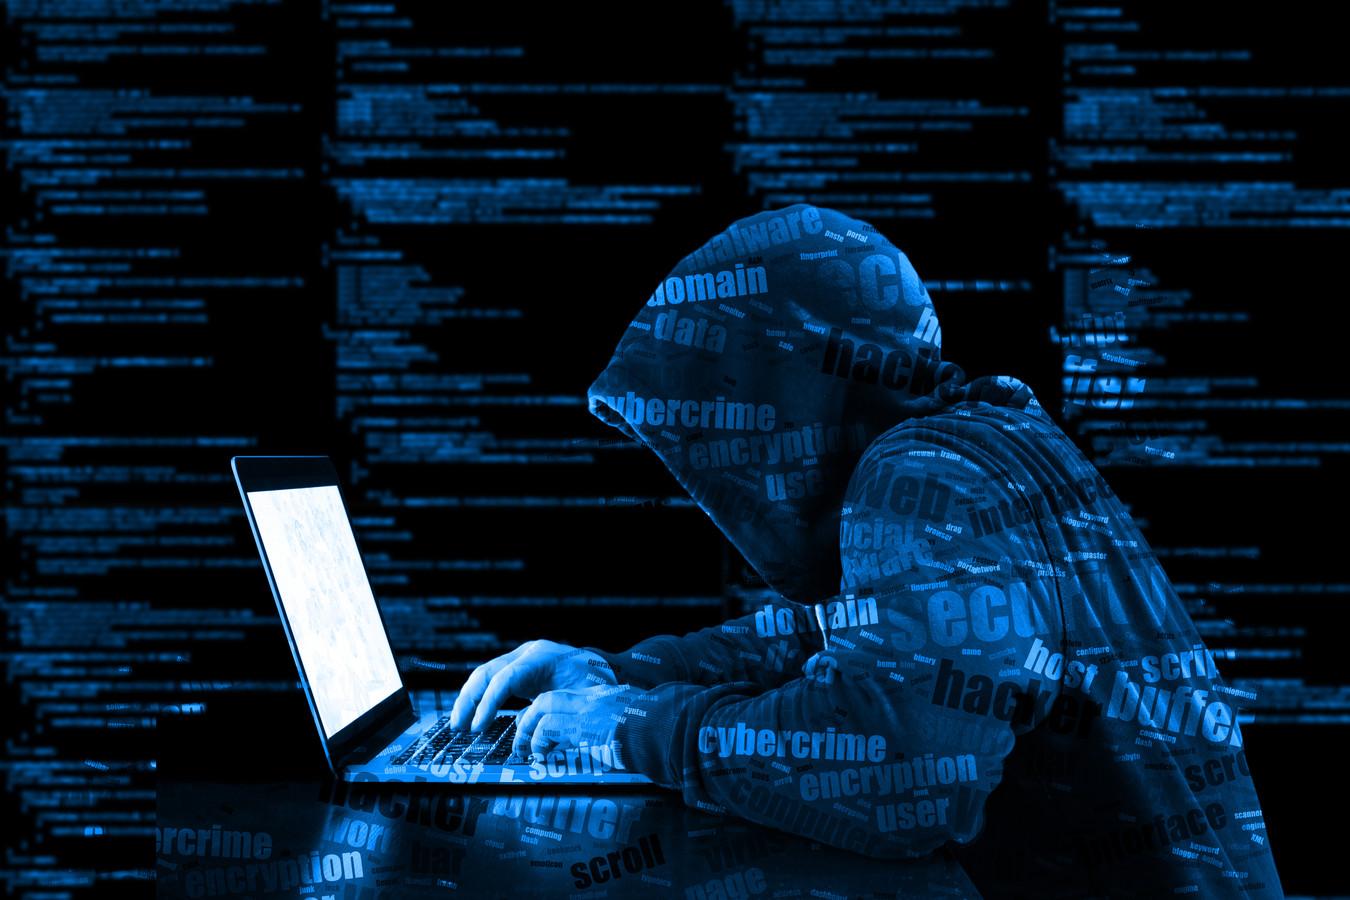 Het aantal gevallen van cybercrime en oplichting nam sterk toe in de Achterhoek afgelopen jaar.